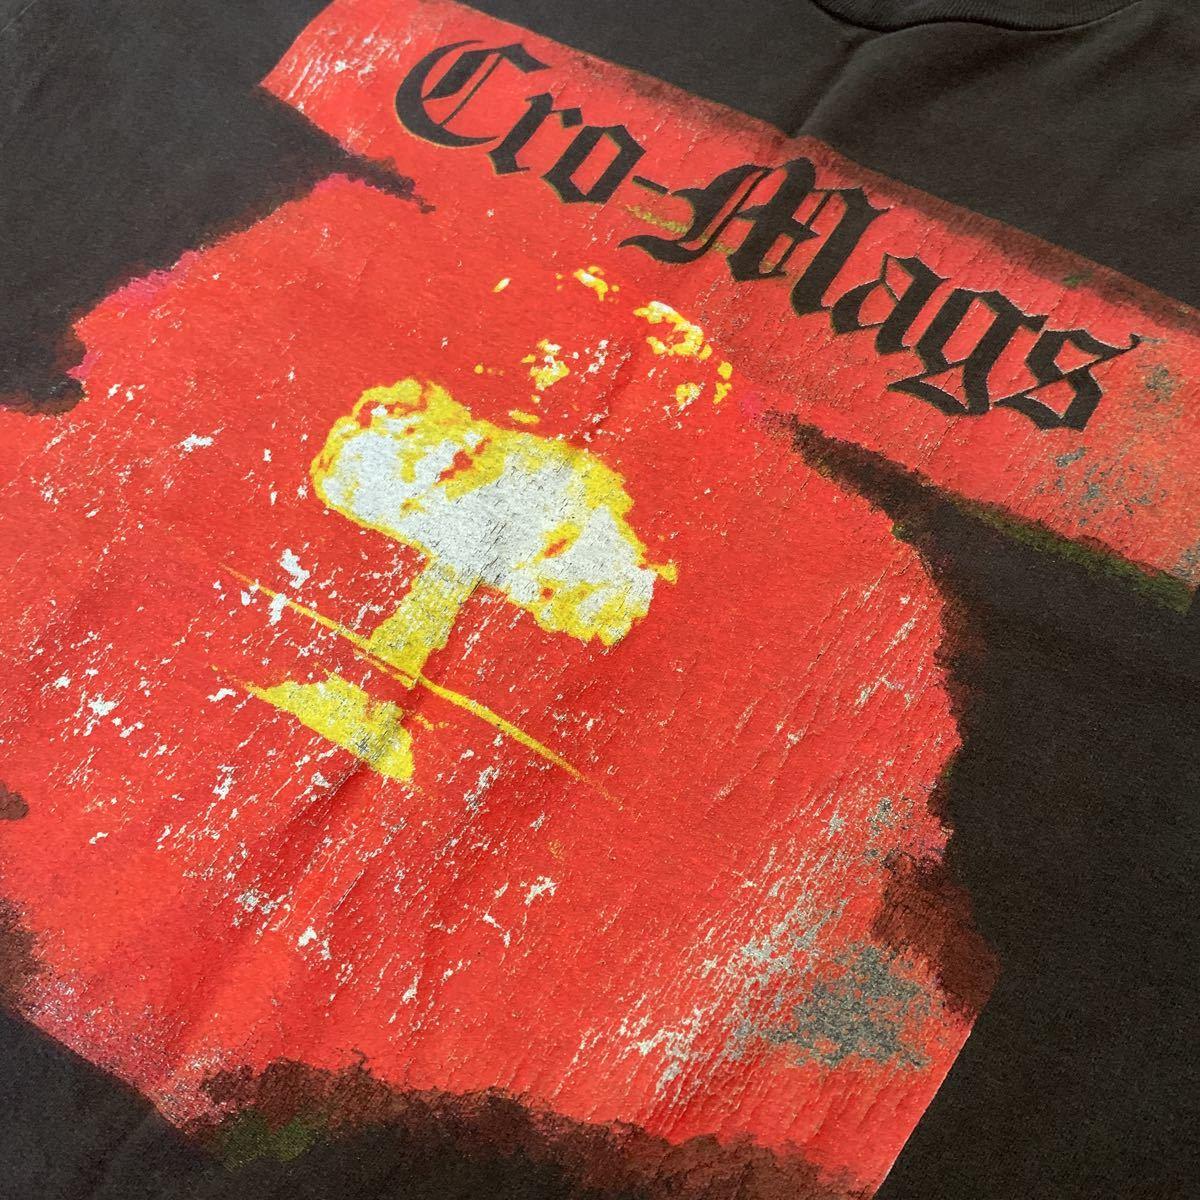 1円 cromags クロマグス バンド Tシャツ バンT 希少 レア ヘインズ 古着 hard core ニューヨーク ハードコア クロスオーバー メタル_画像2